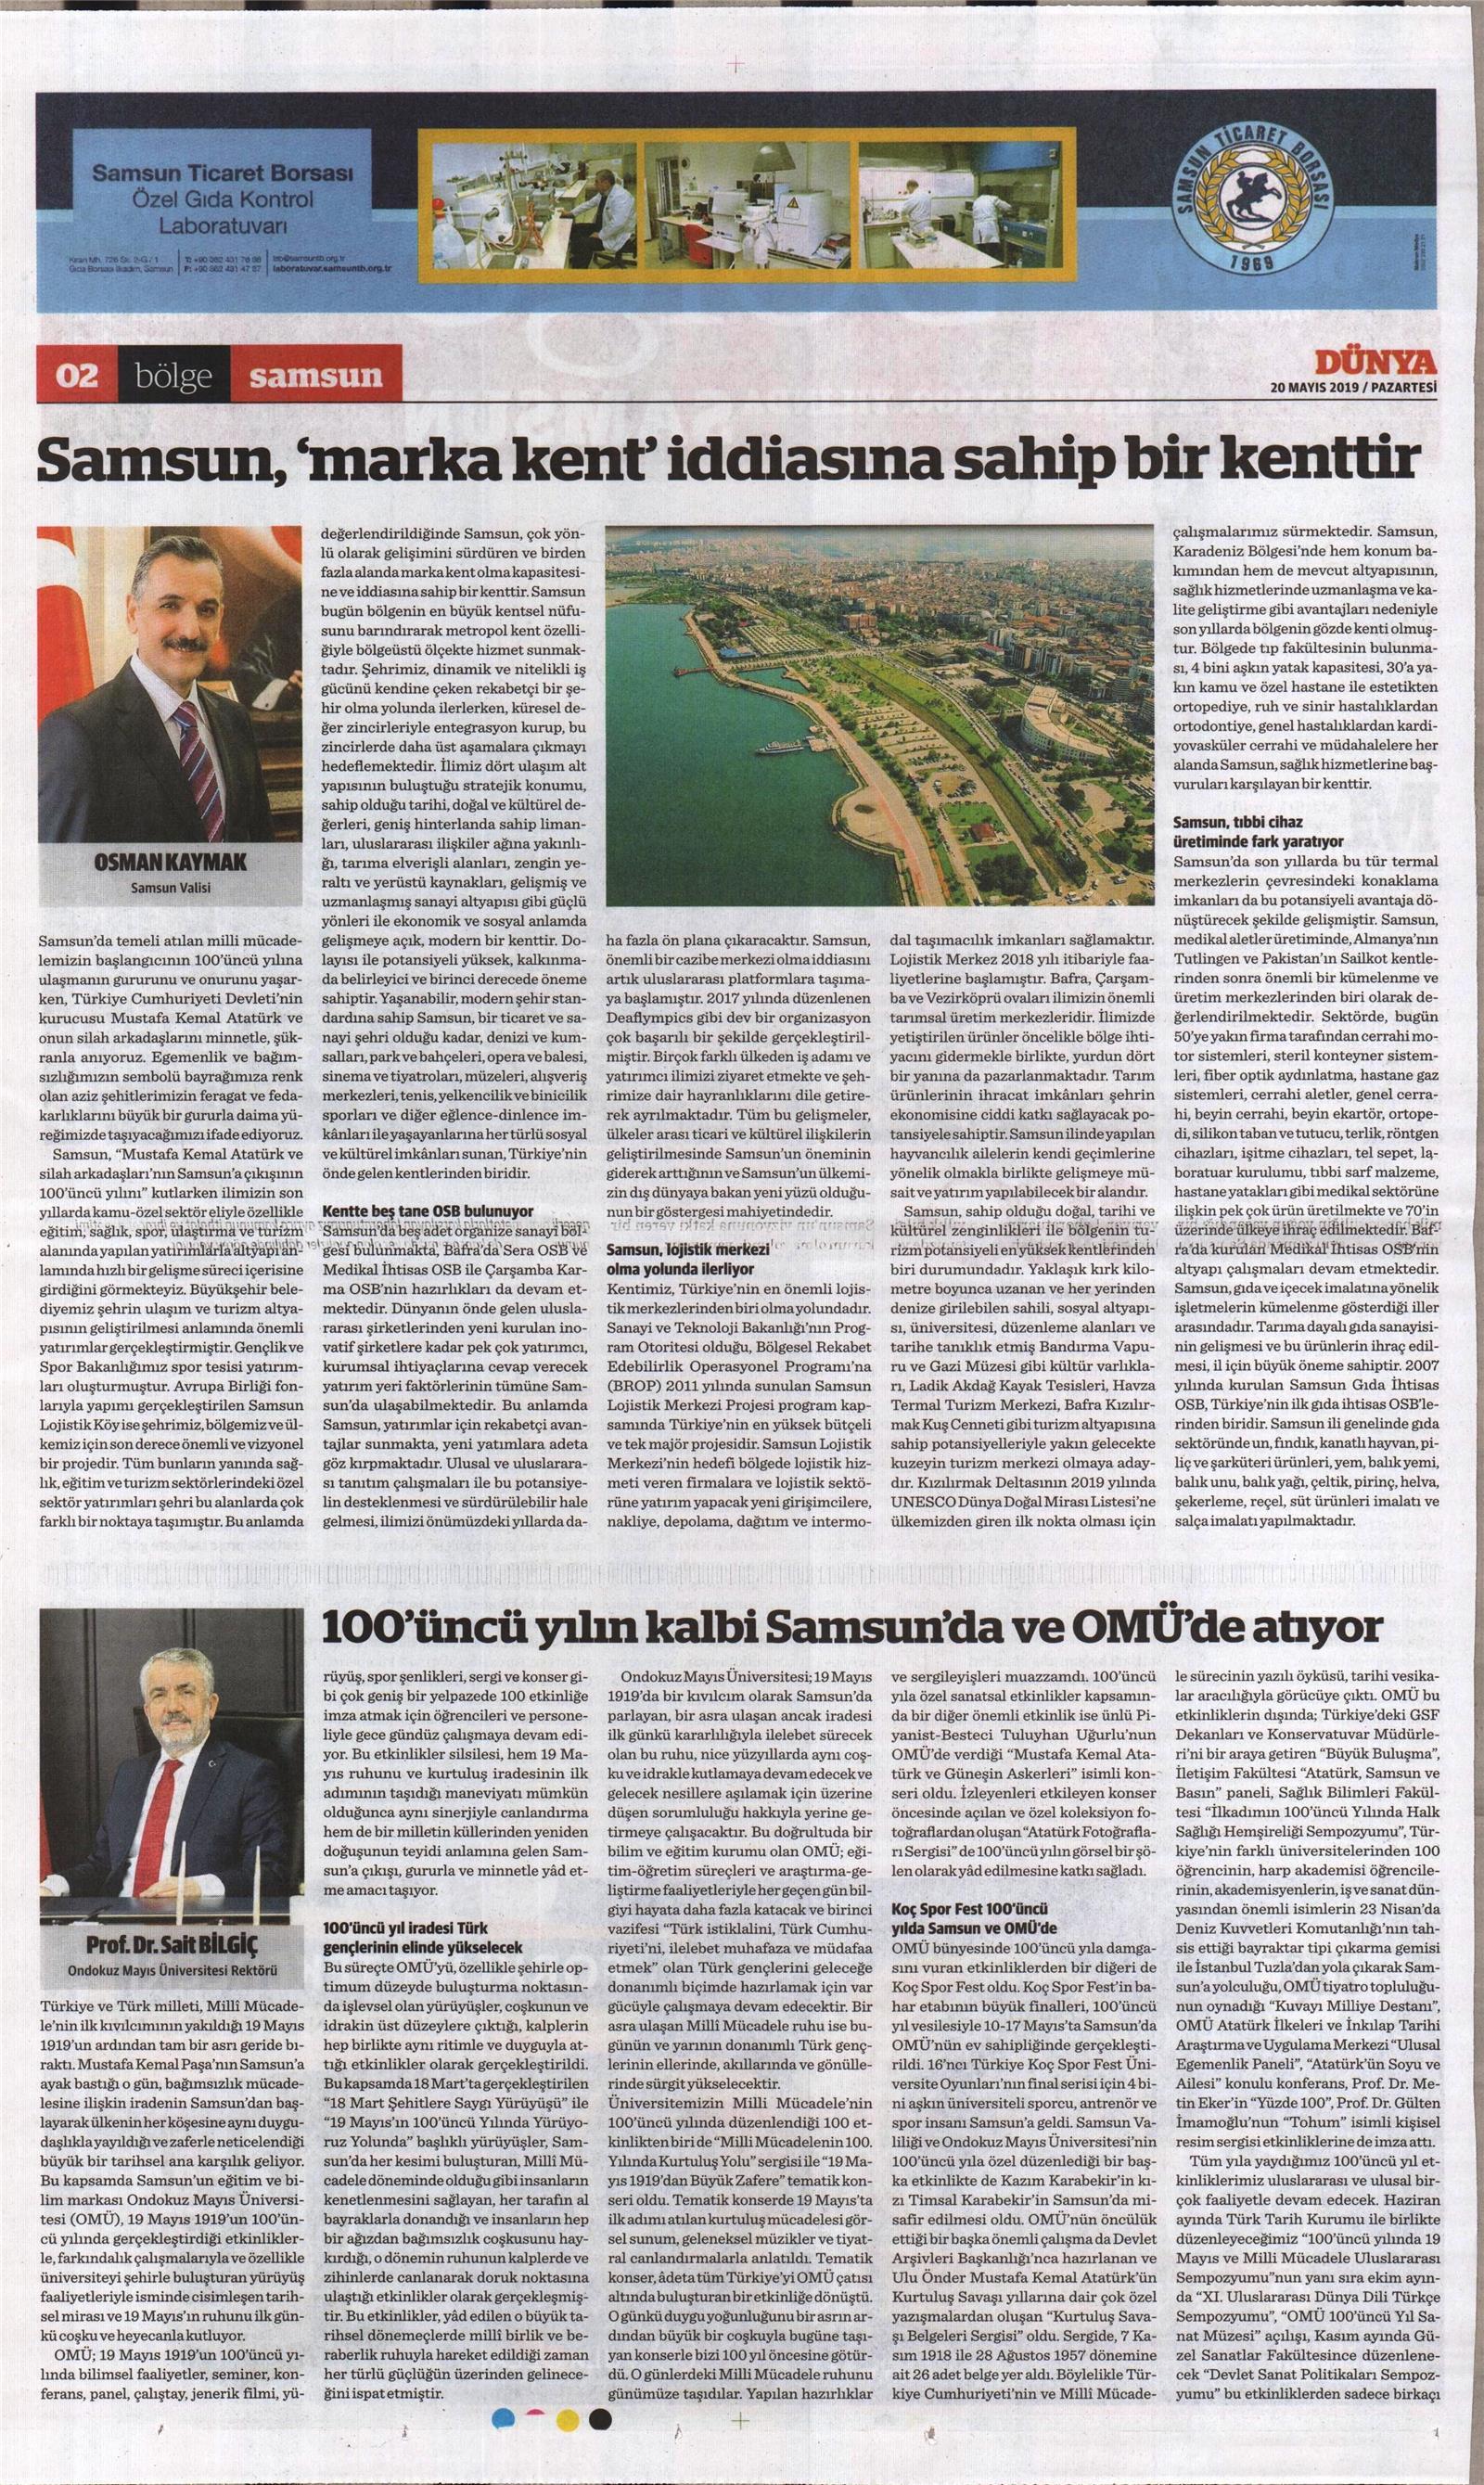 http://www.omu.edu.tr/sites/default/files/files/rektor_bilgic_dunya_gazetesi039nin_19_mayis_ozel_sayisinda_yer_aldi/rektor_tam.jpg